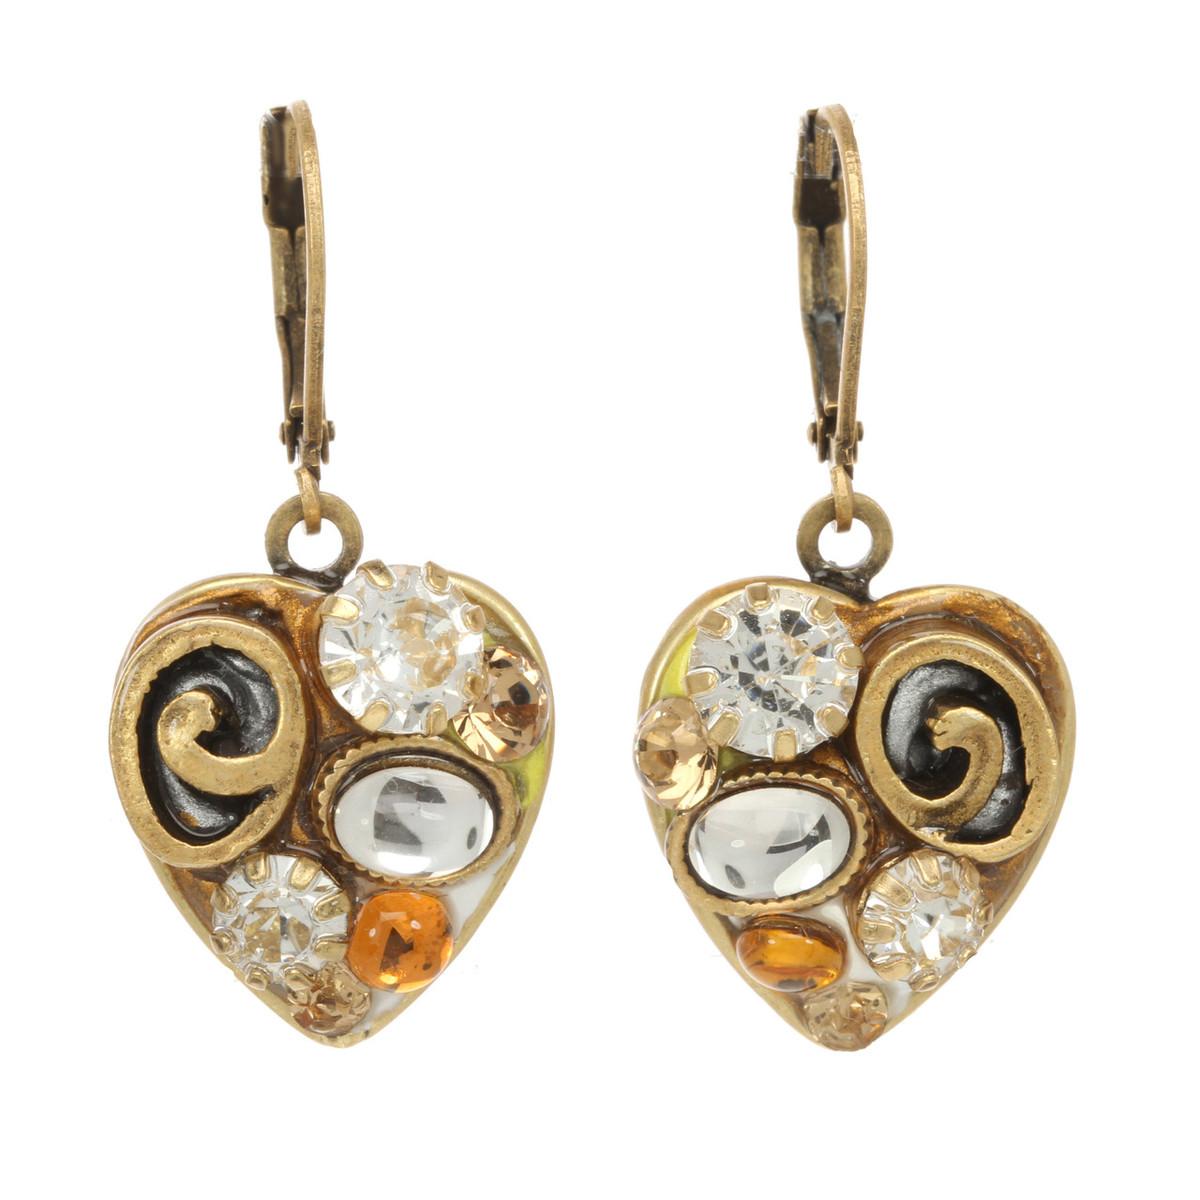 Michal Golan Jewelry Small Heart Leverback Orange Earrings